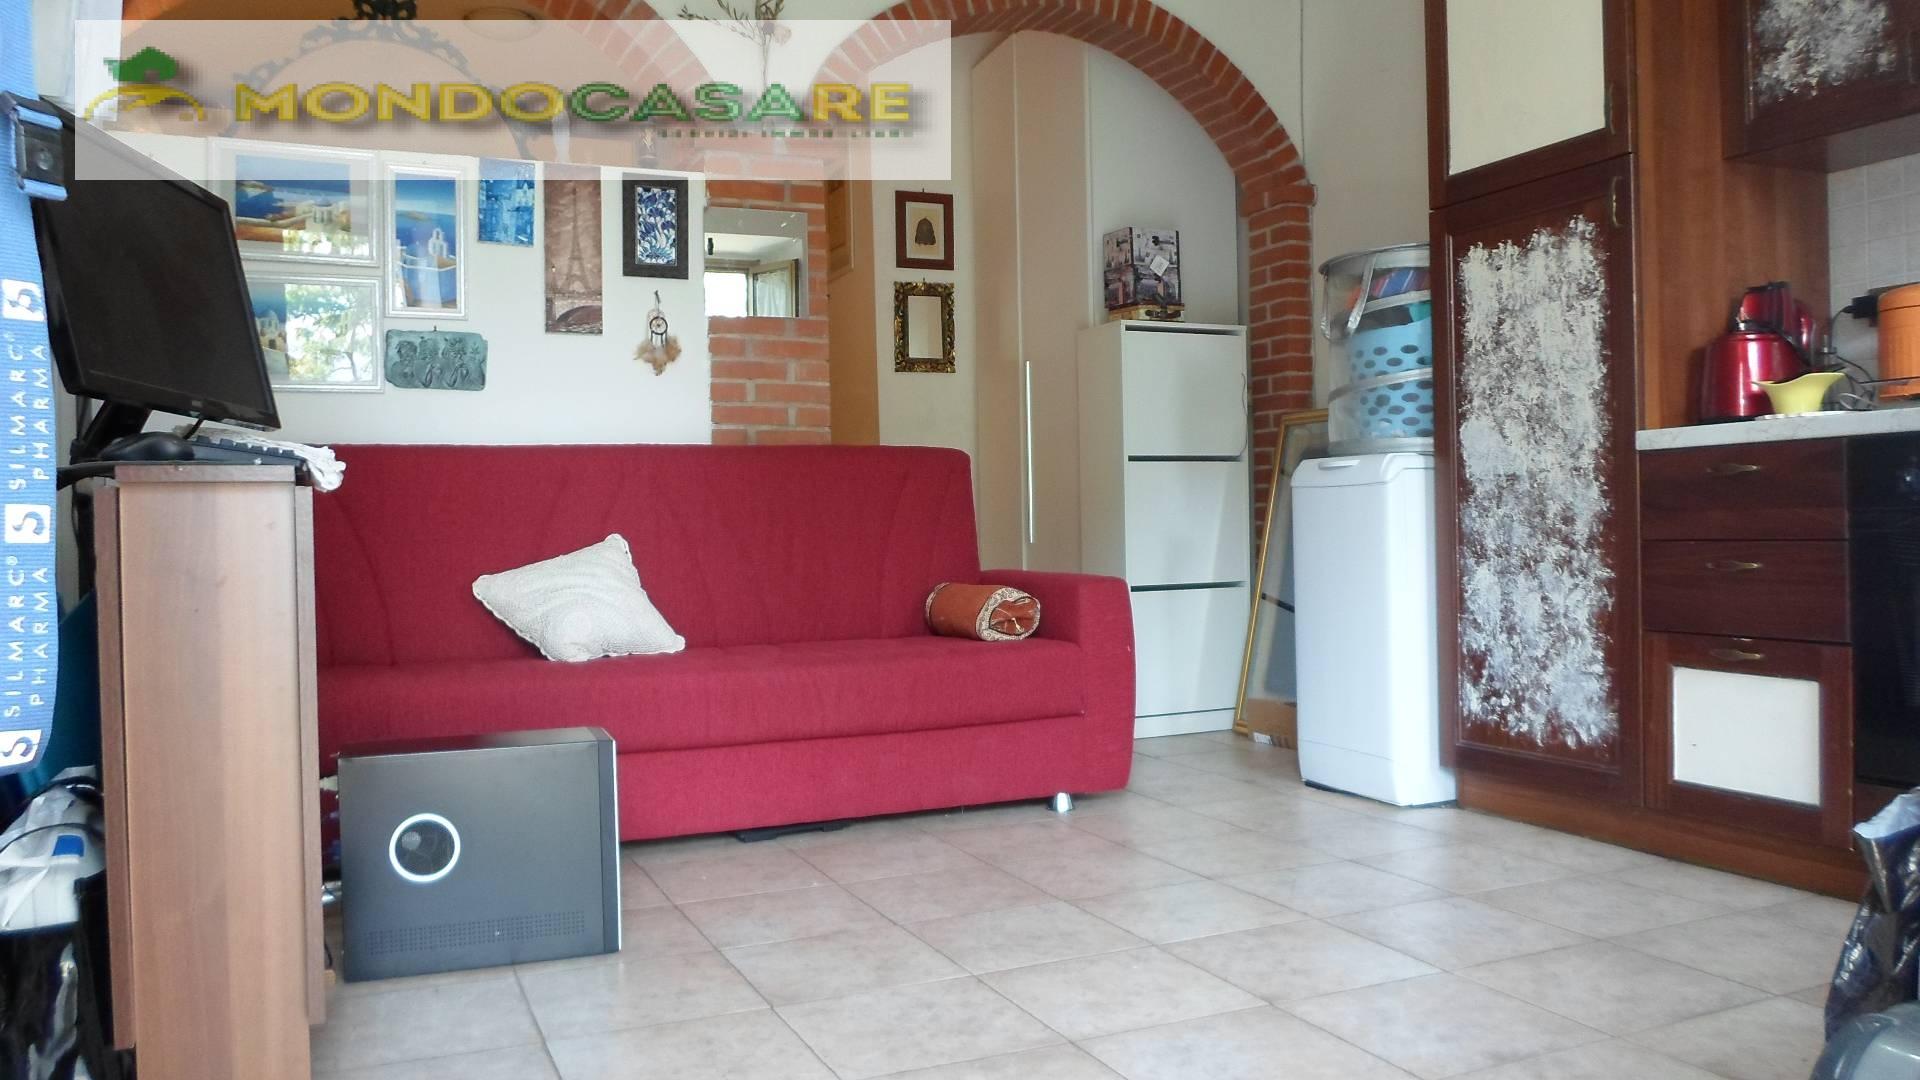 Appartamento in vendita a Palombara Sabina, 2 locali, zona Zona: Cretone, prezzo € 39.000 | CambioCasa.it